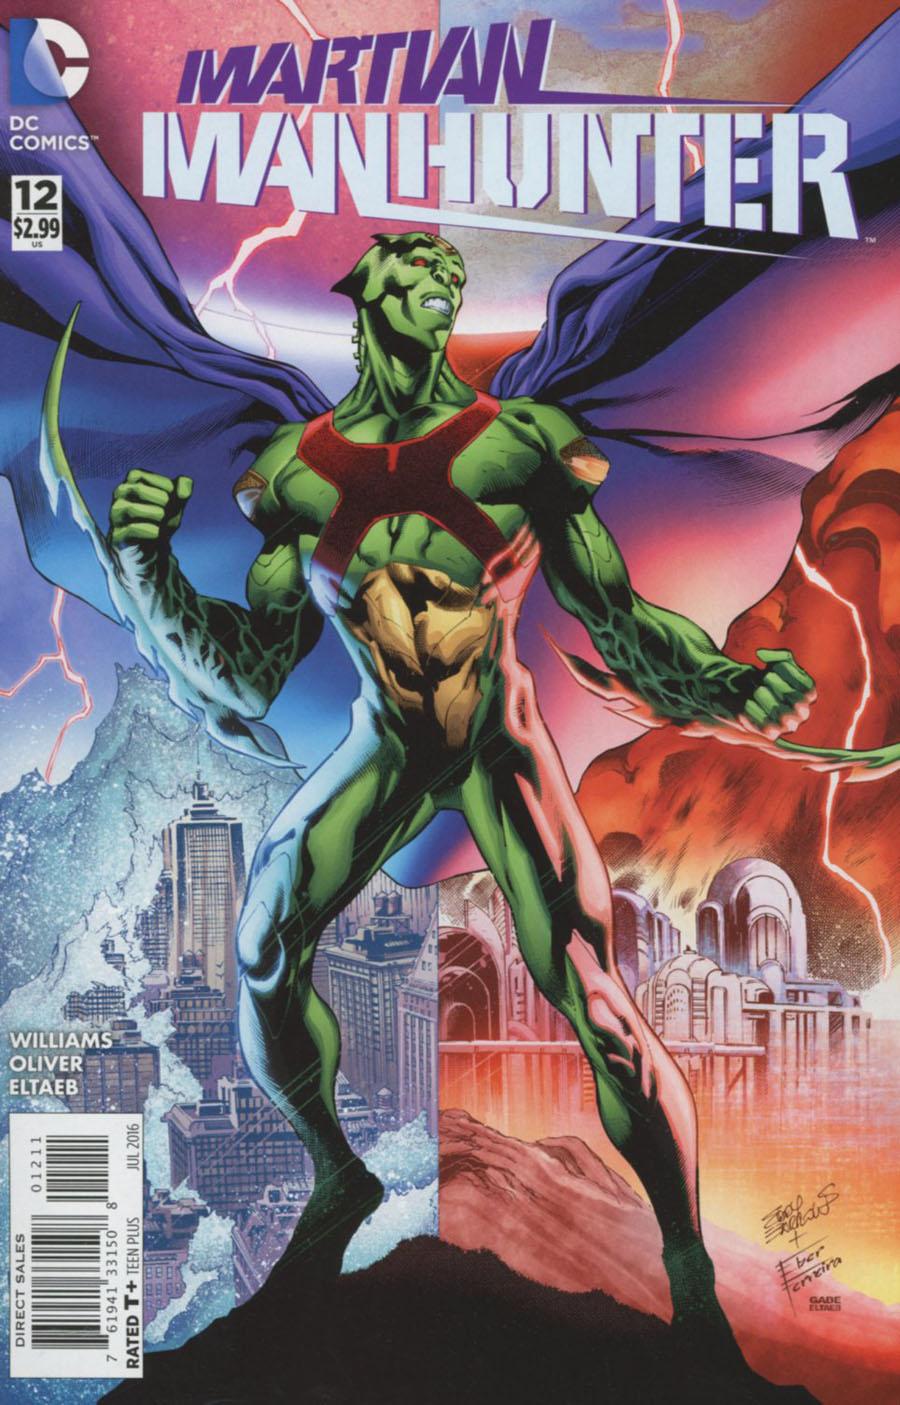 Martian Manhunter Vol 4 #12